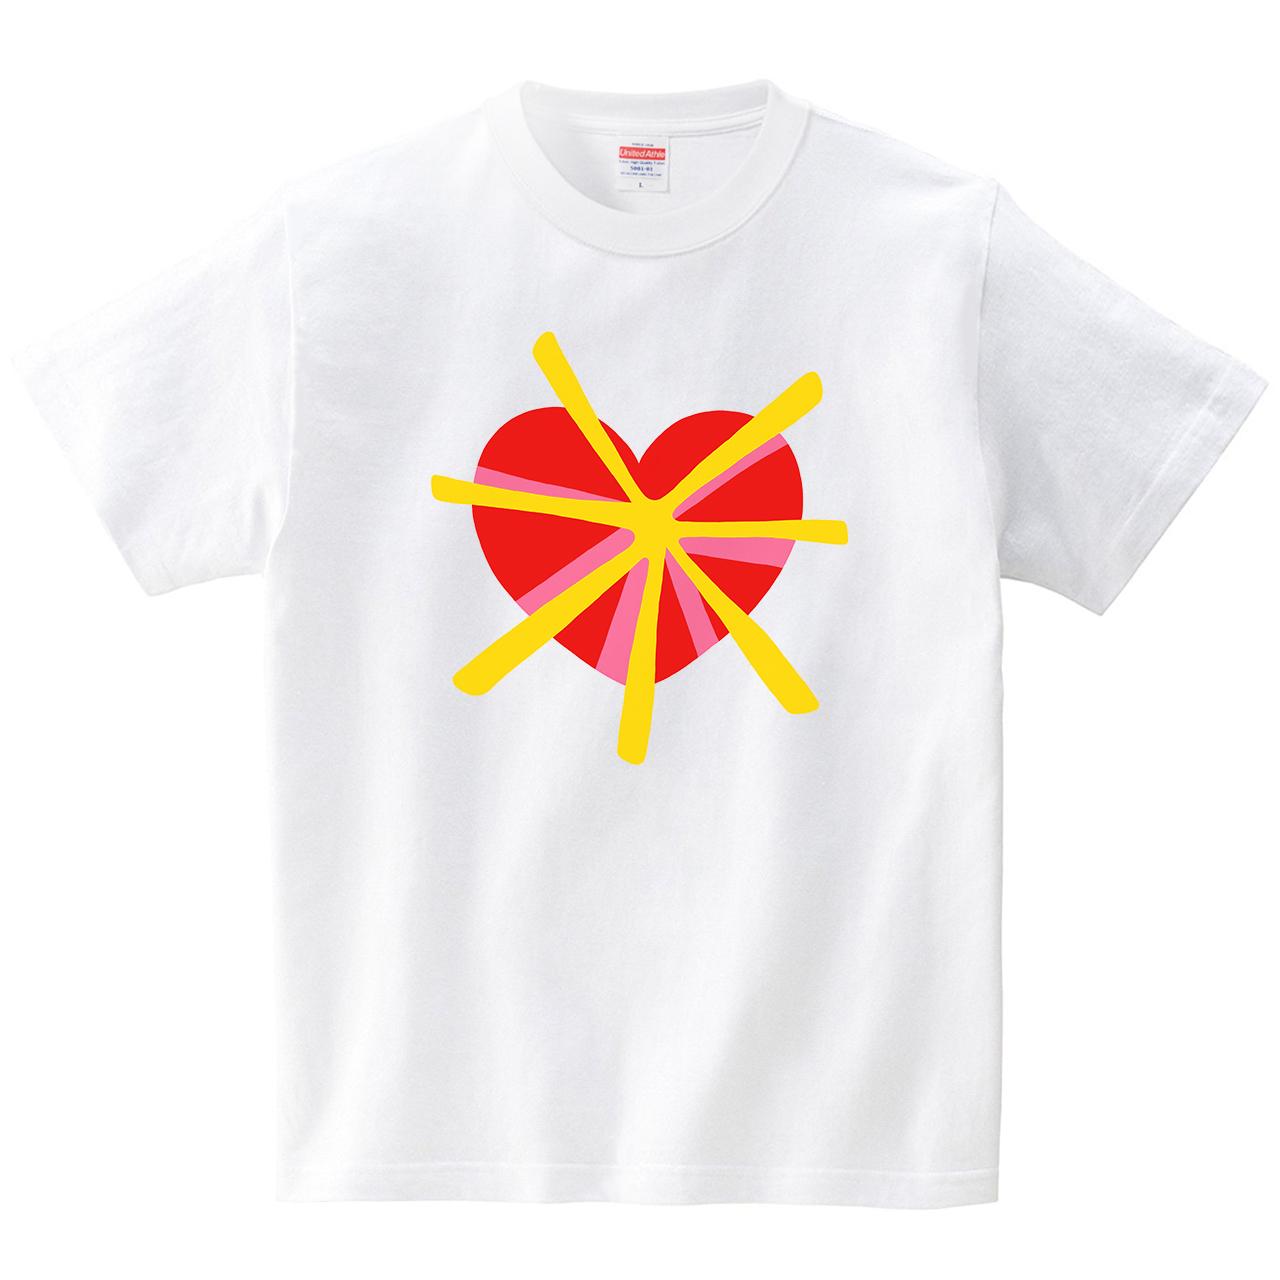 ハートビーム(Tシャツ・ホワイト)(tsukamotojunko)